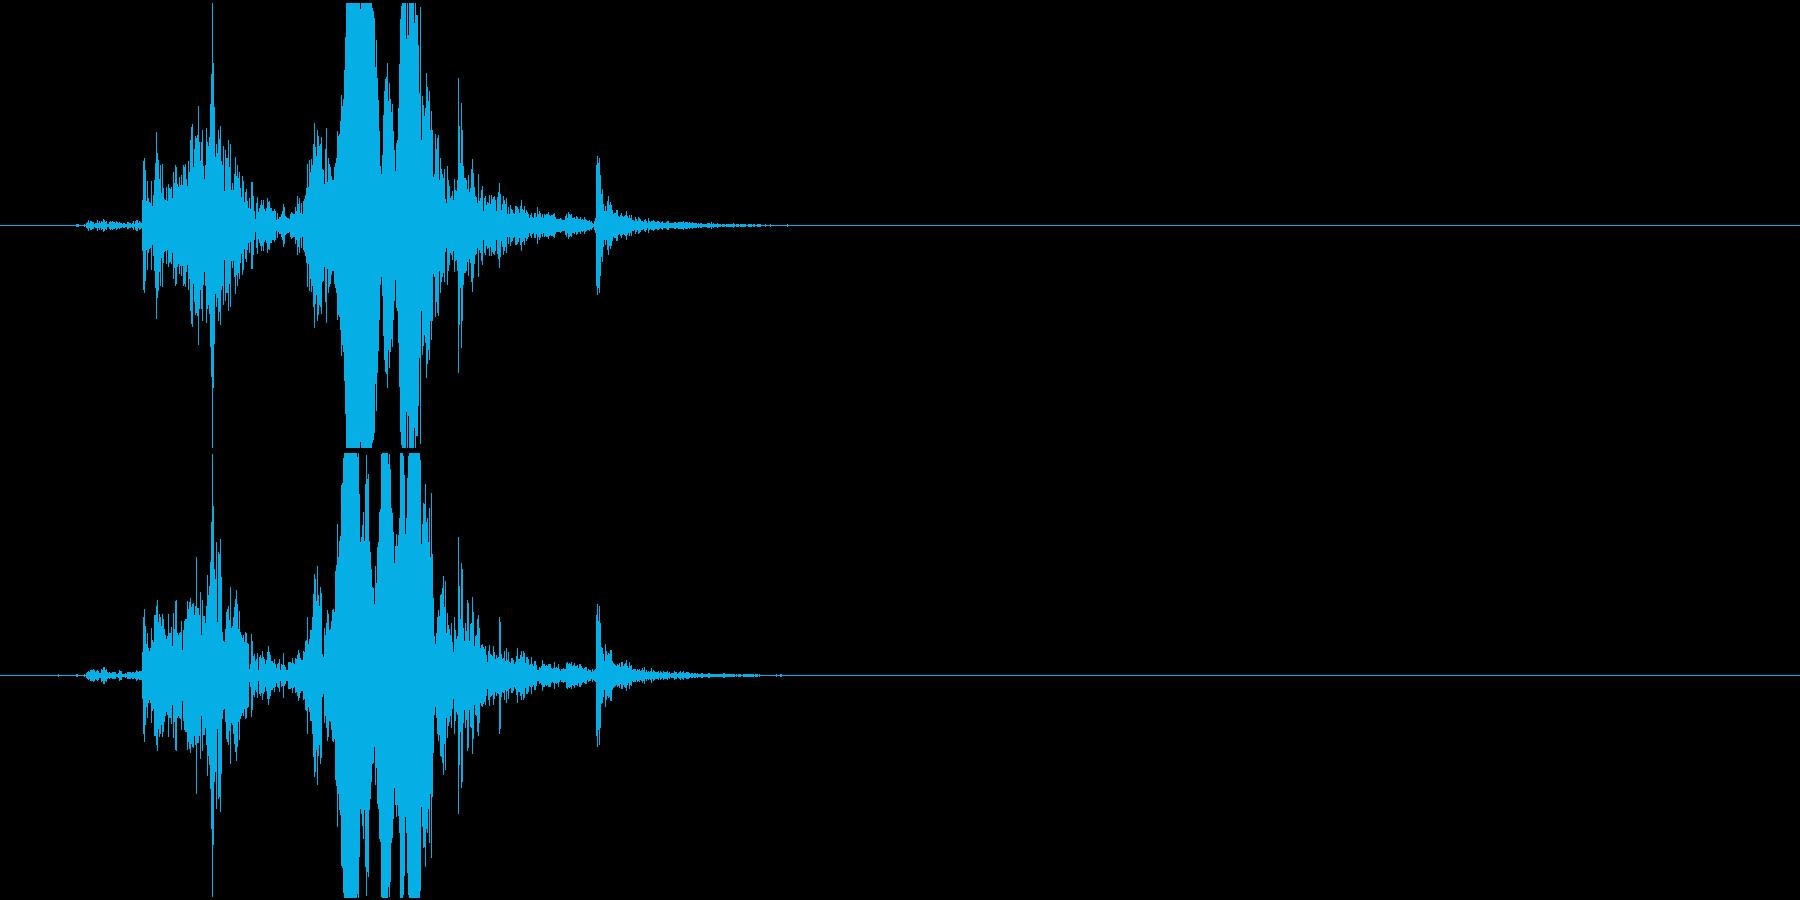 【生録音】 Lock 玄関の鍵をかける音の再生済みの波形